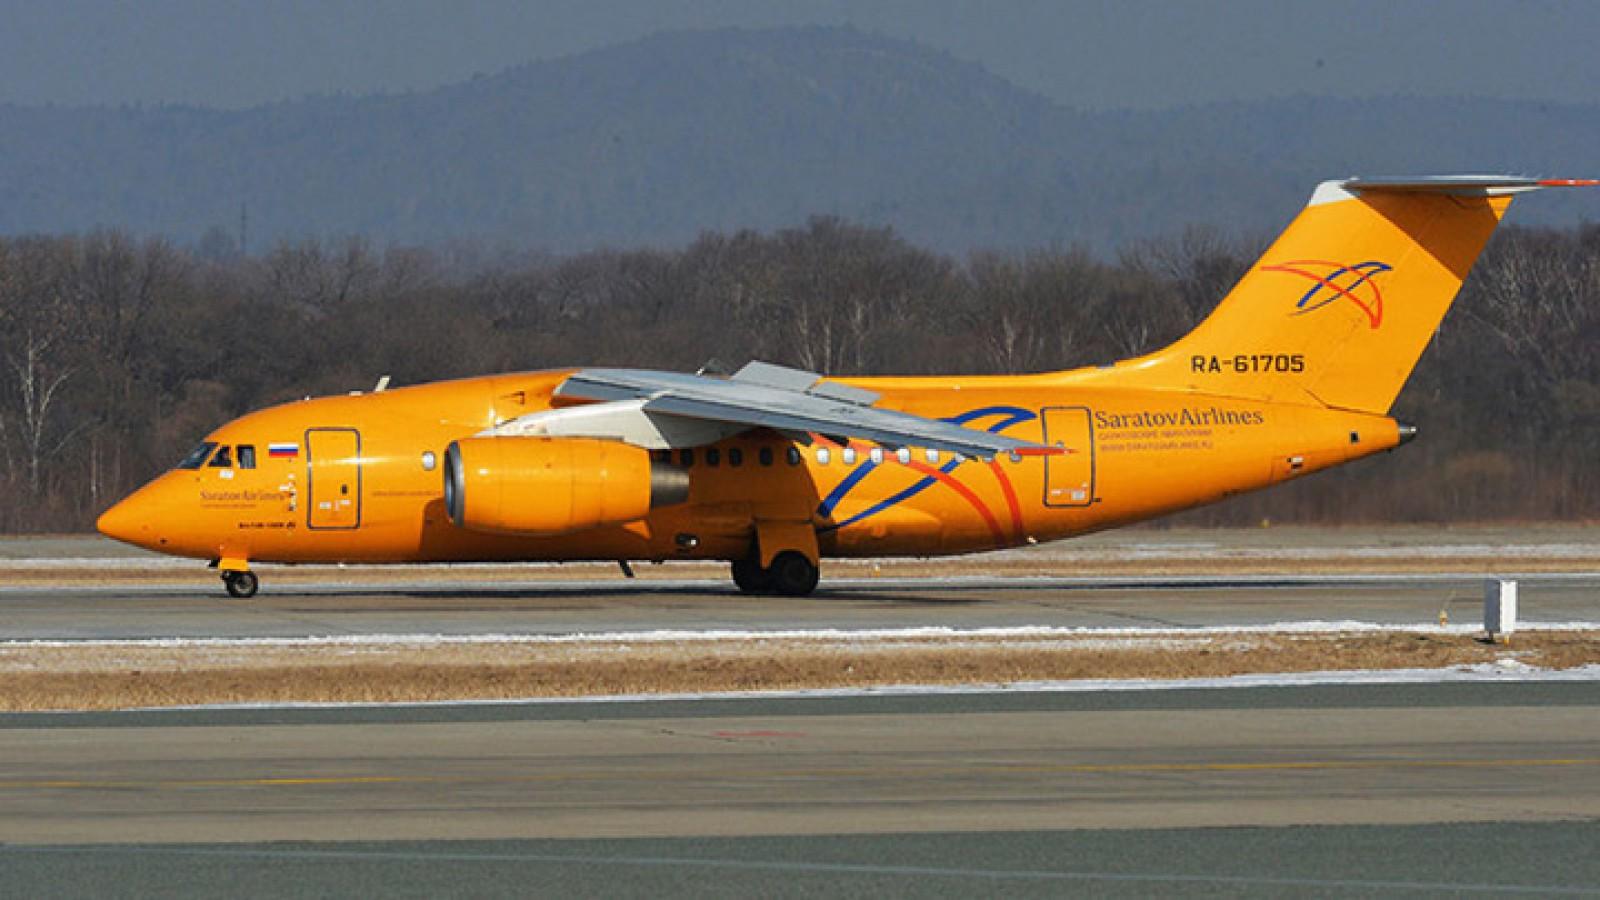 MAEIE confirmă: Niciun moldovean nu se afla la bordul avionului care s-a prăbușit în Rusia